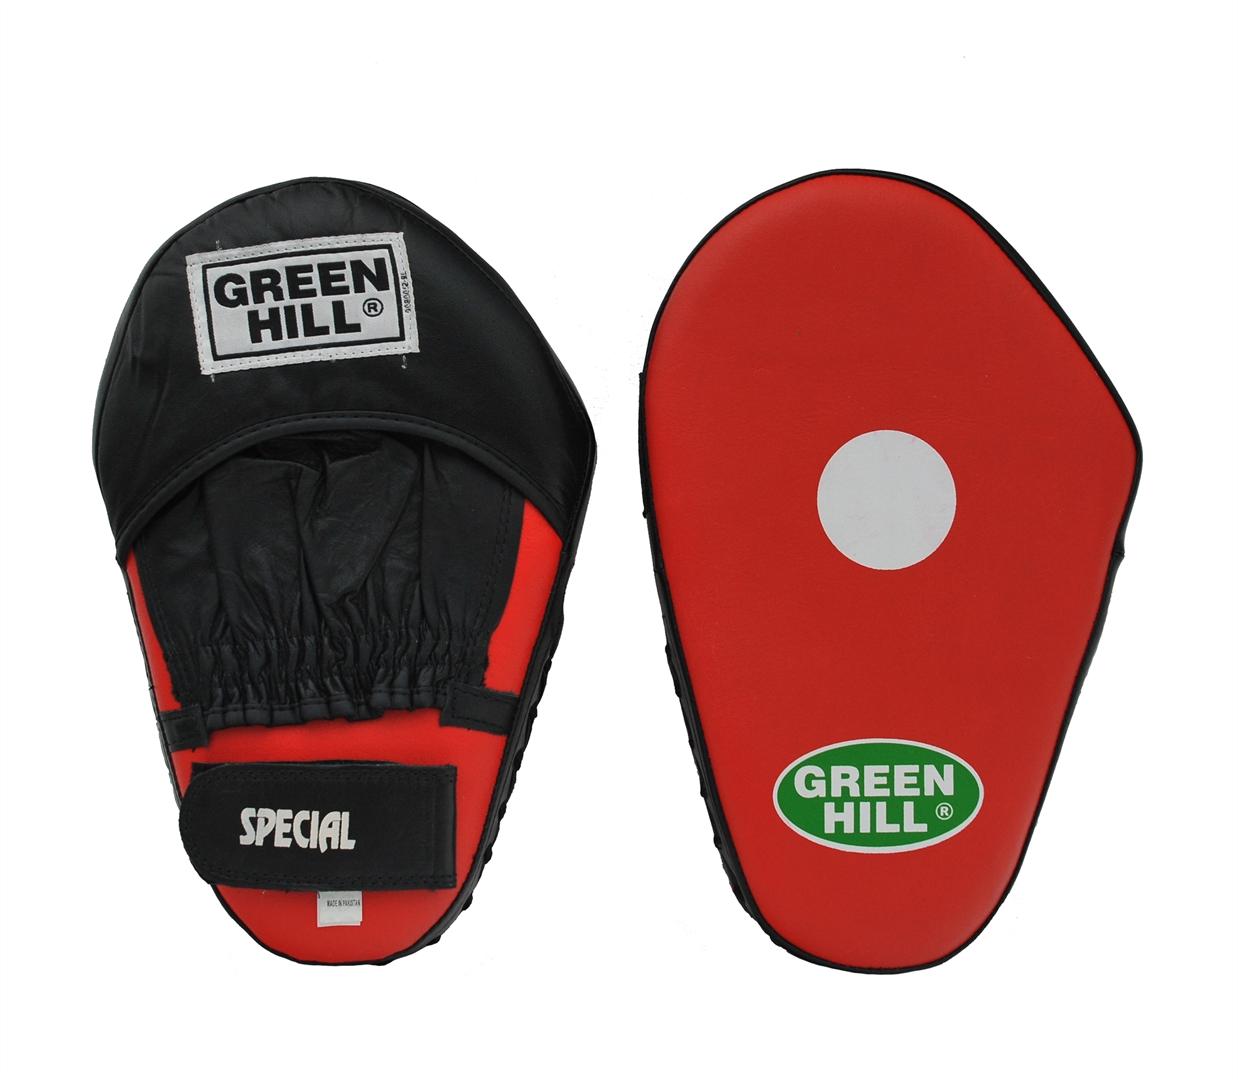 Лапы боксерские Green Hill Special, большие, 2 штПояс УТ-0000Боксерские лапы Green Hill Special прекрасно подходят для отработки точности и скорости прямых ударов. Верх сделан из натуральной кожи, в центре ударной поверхности расположена мишень. Плотный наполнитель обеспечивает отличную фиксацию удара. Лапы удобно сидят на руке, их анатомическая форма позволяет снизить нагрузку во время тренировки. Запястье фиксируется застежкой на липучке. В комплекте 2 лапы. Подходят для всех уровней подготовки. Размер лапы: 31 см х 20 см х 8 см.